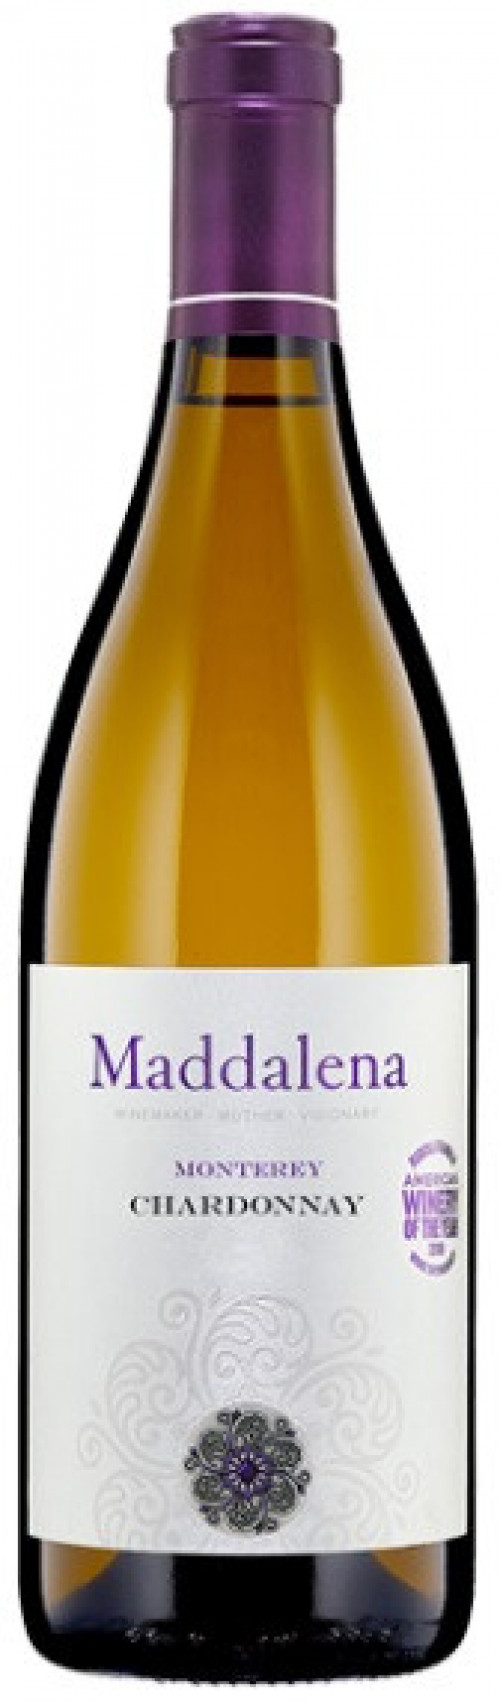 2017 Maddalena Monterey Chardonnay 750ml